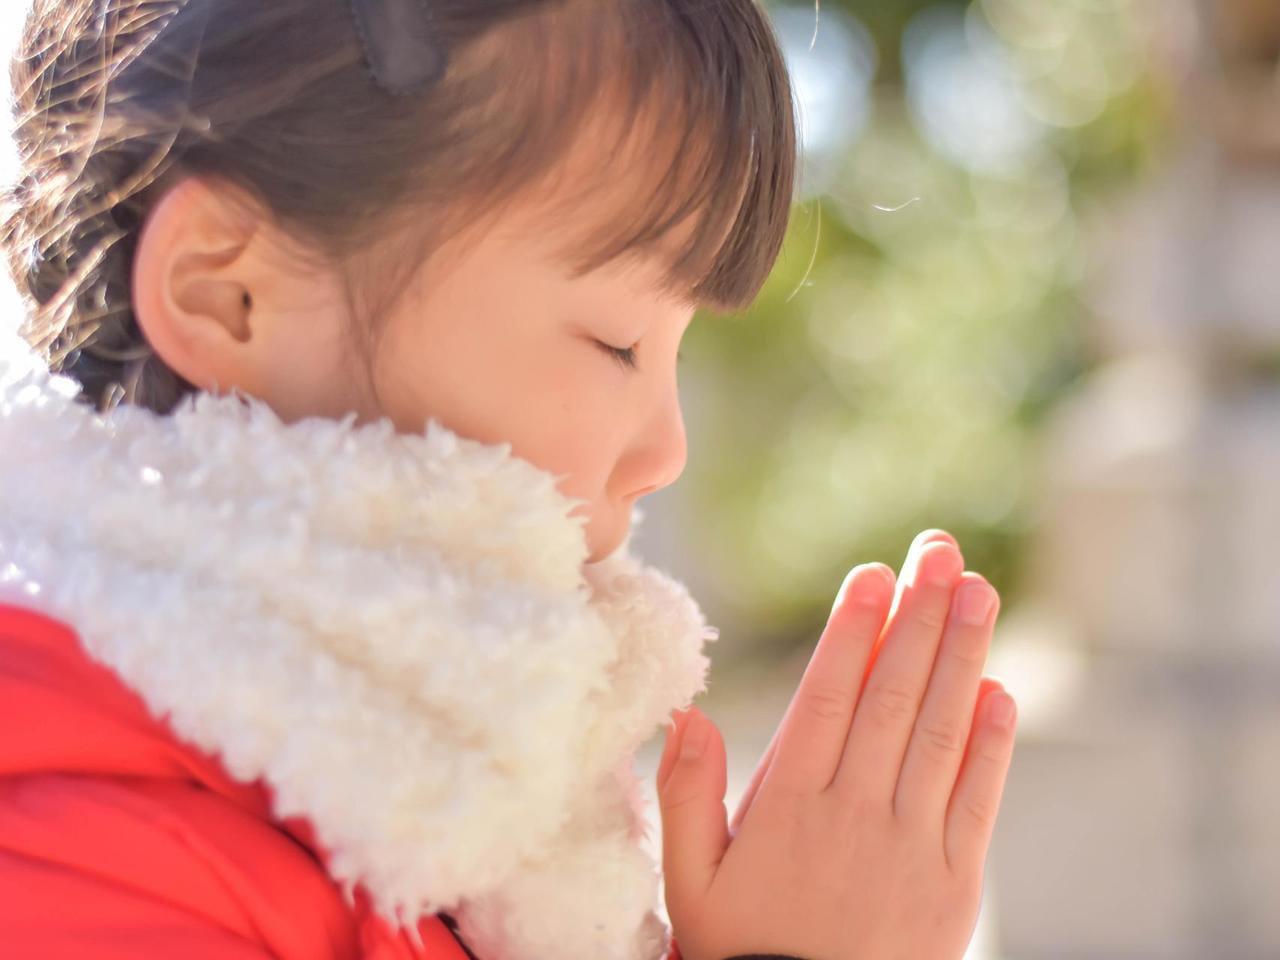 兵庫の人気神社初詣スポット3選 2020年版 -素敵な新年を迎えよう-